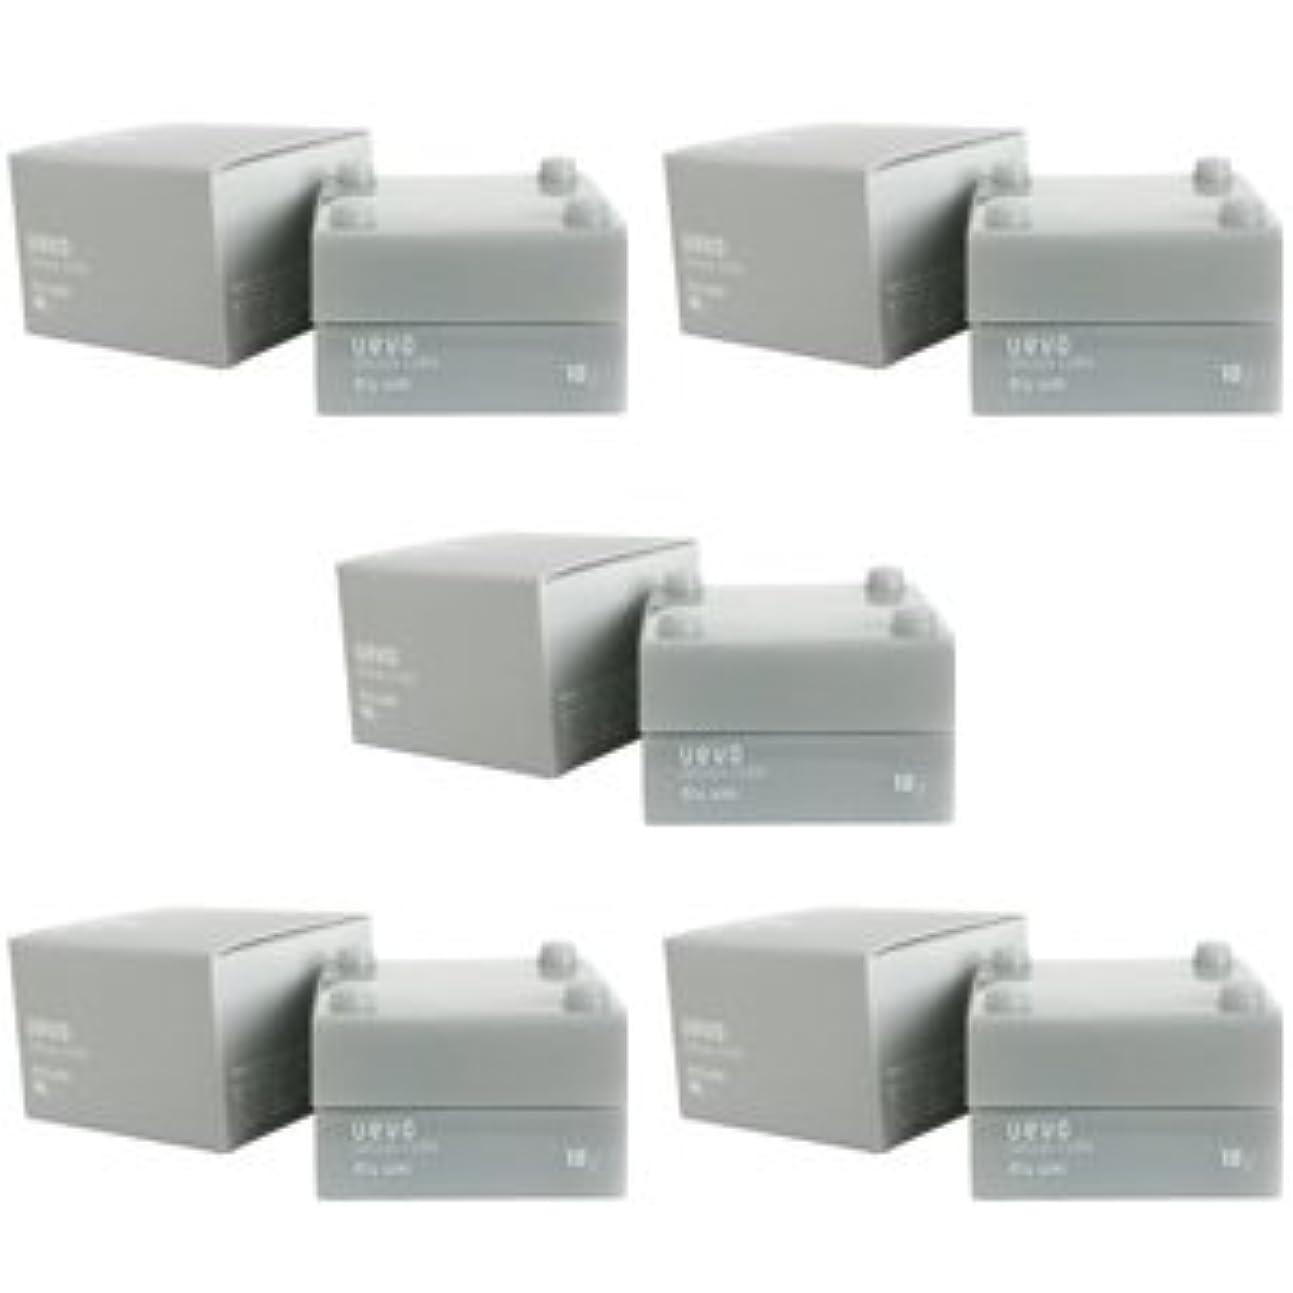 手を差し伸べる警戒税金【X5個セット】 デミ ウェーボ デザインキューブ ドライワックス 30g dry wax DEMI uevo design cube